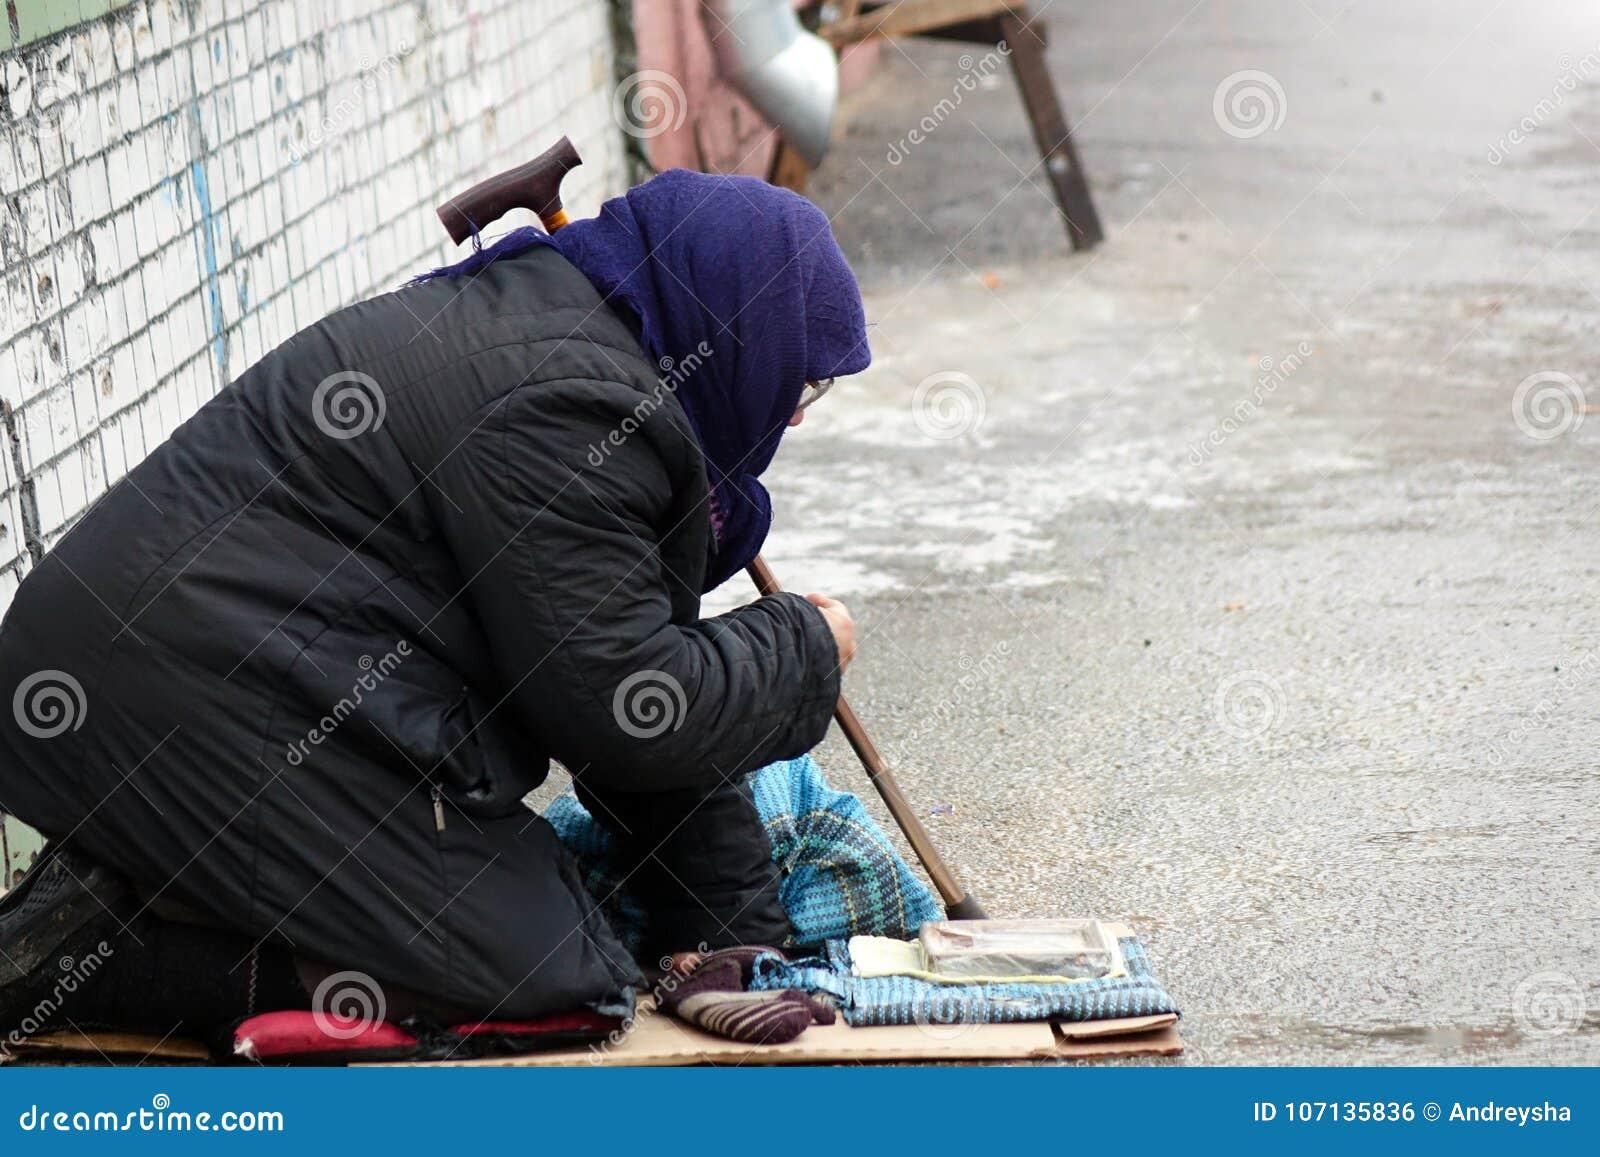 Traurige obdachlose Frau, die auf der Obdachlosen vorbei überschreitet sitzt